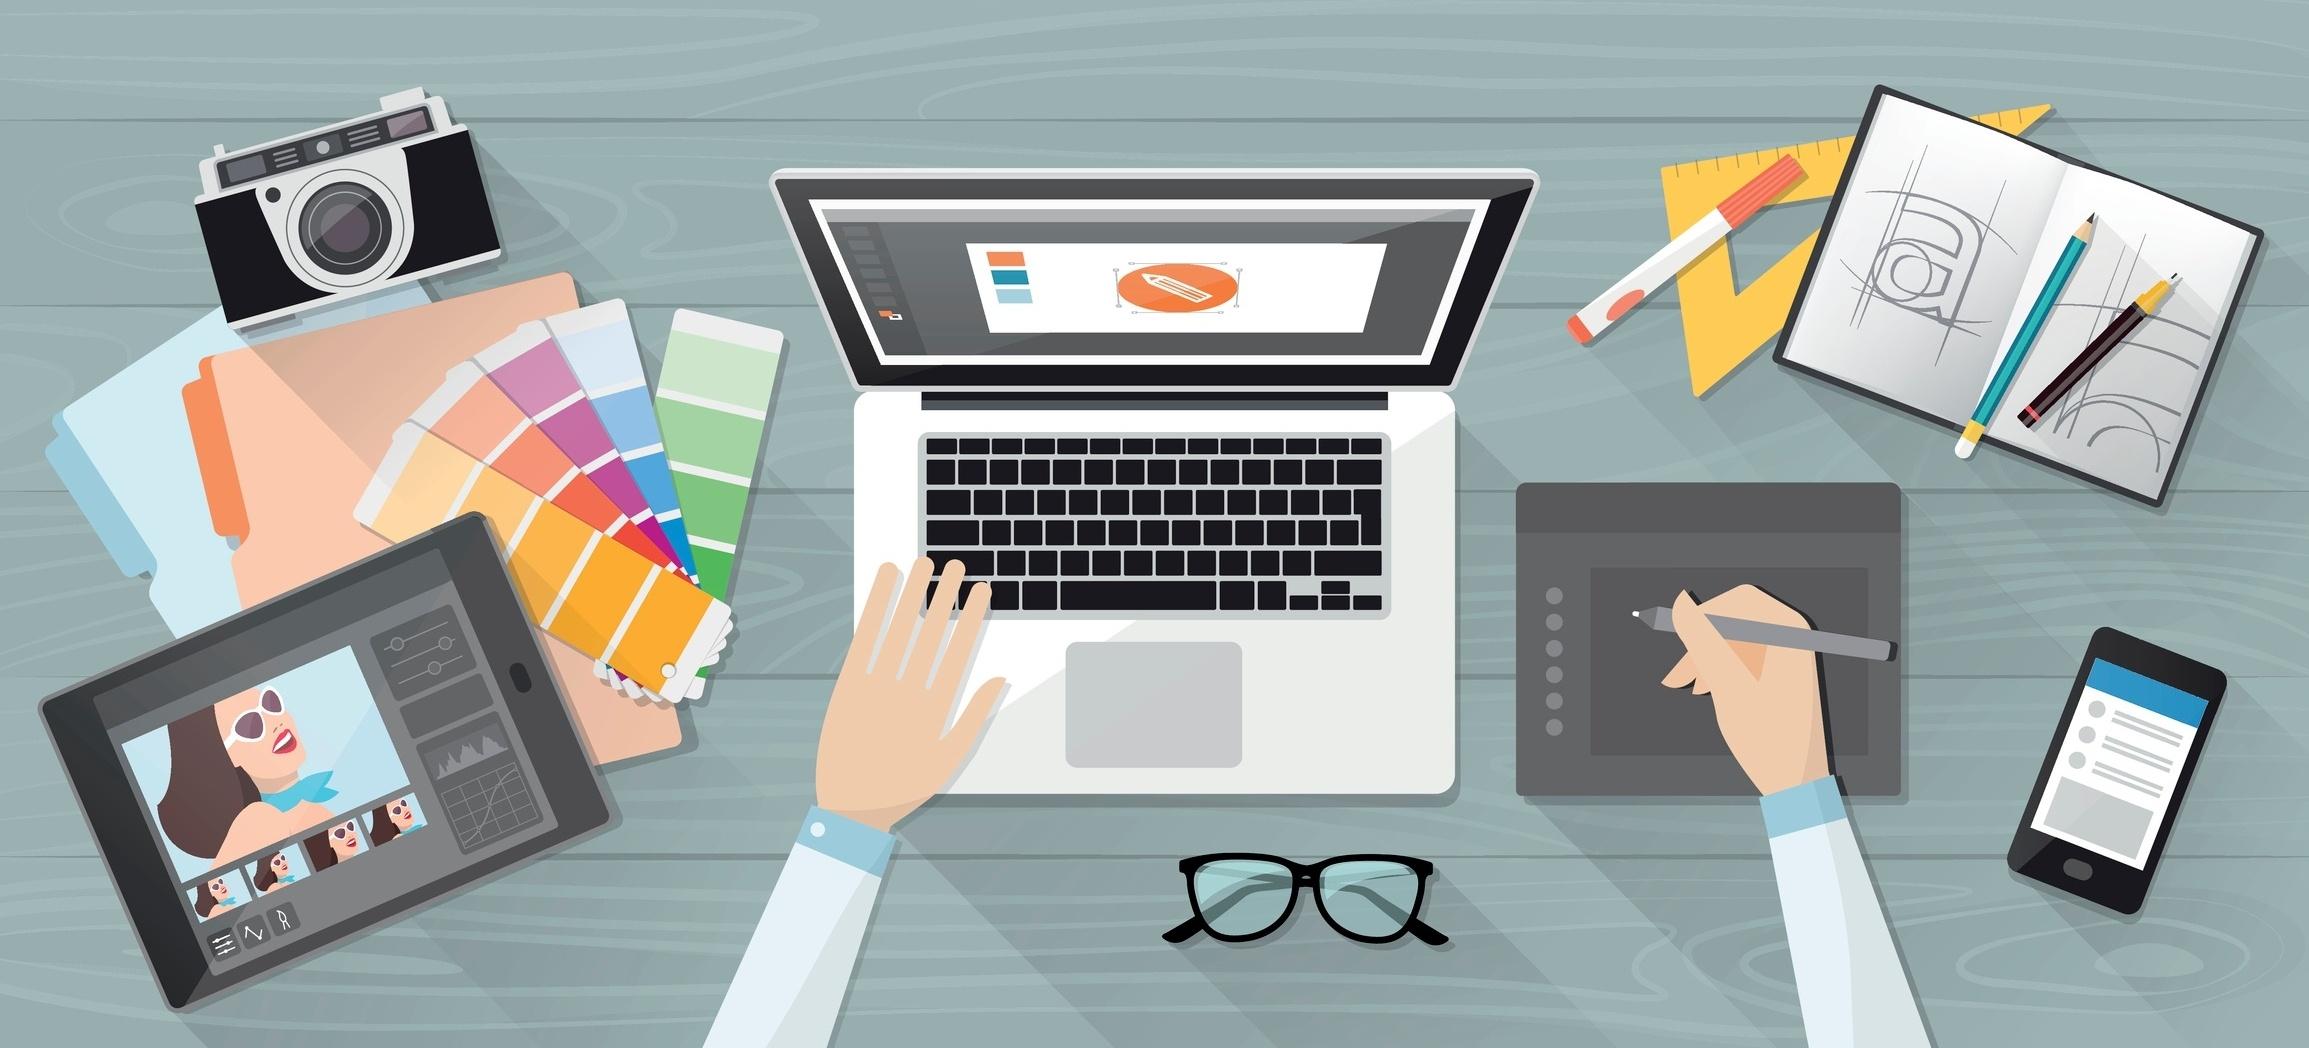 [Kit Gratis] Recursos esenciales de diseño para cualquier marketer